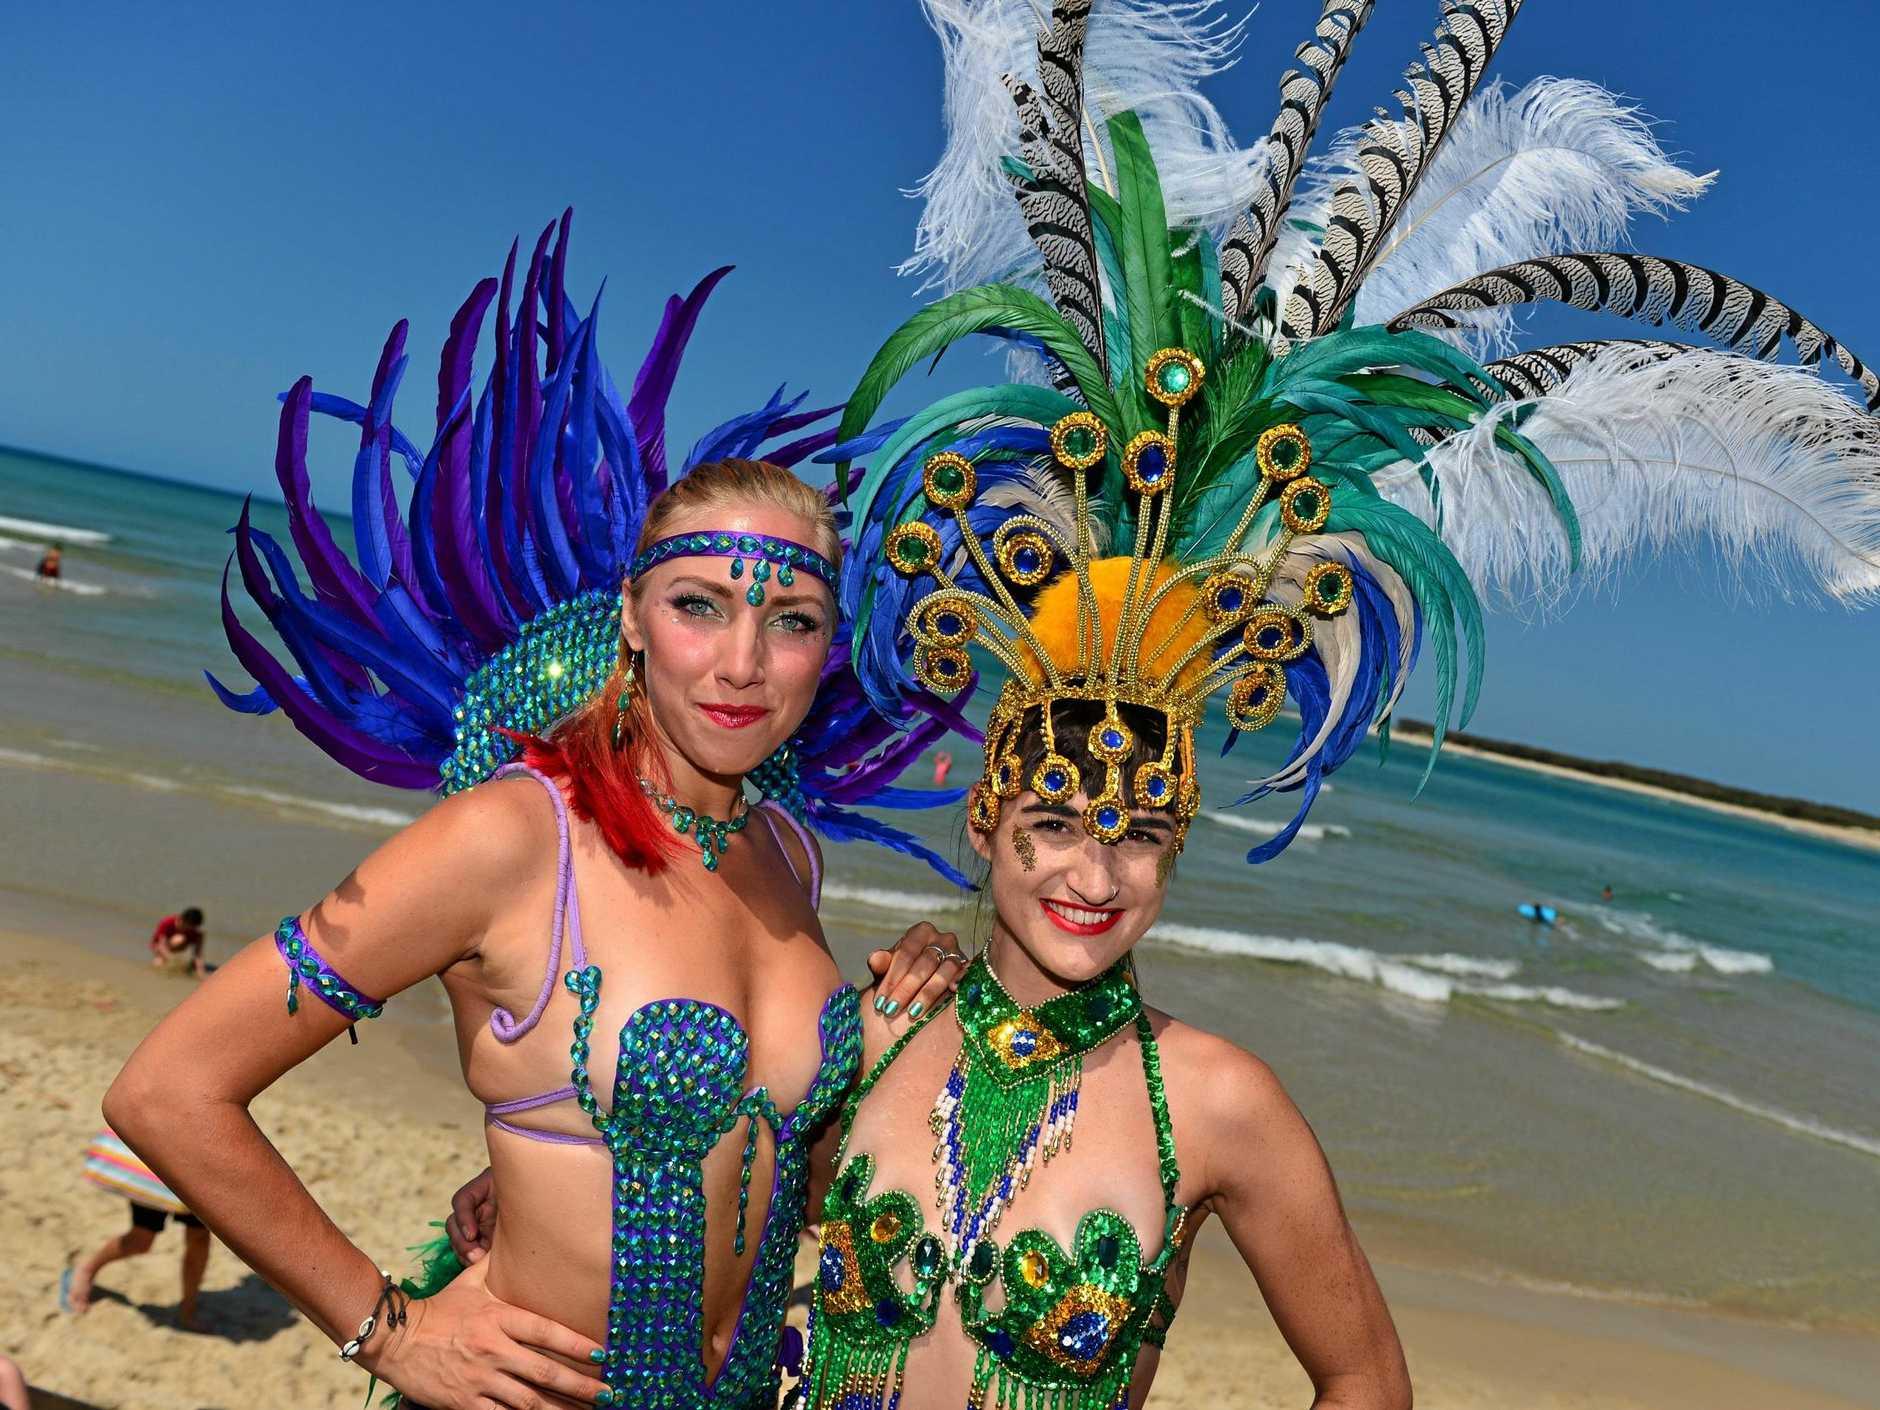 Zofia Nordqvist and Gillian Lewis in Caloundra for the Festuri.